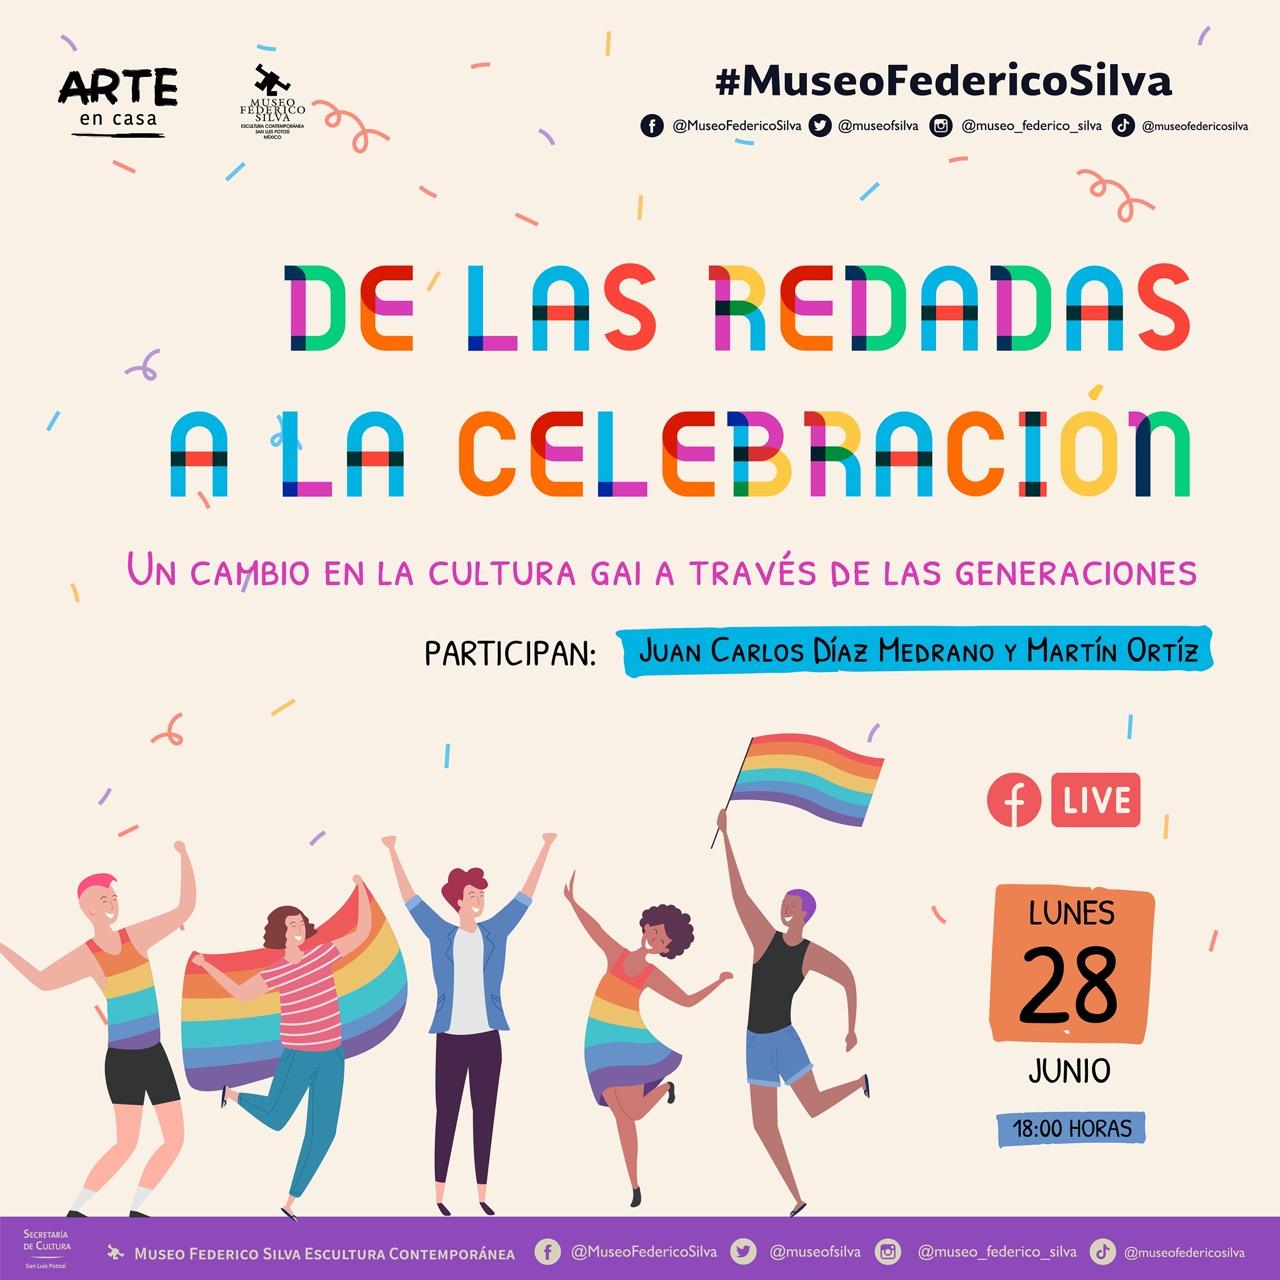 Charla: De las redadas a la celebración, en el museo Federico Silva